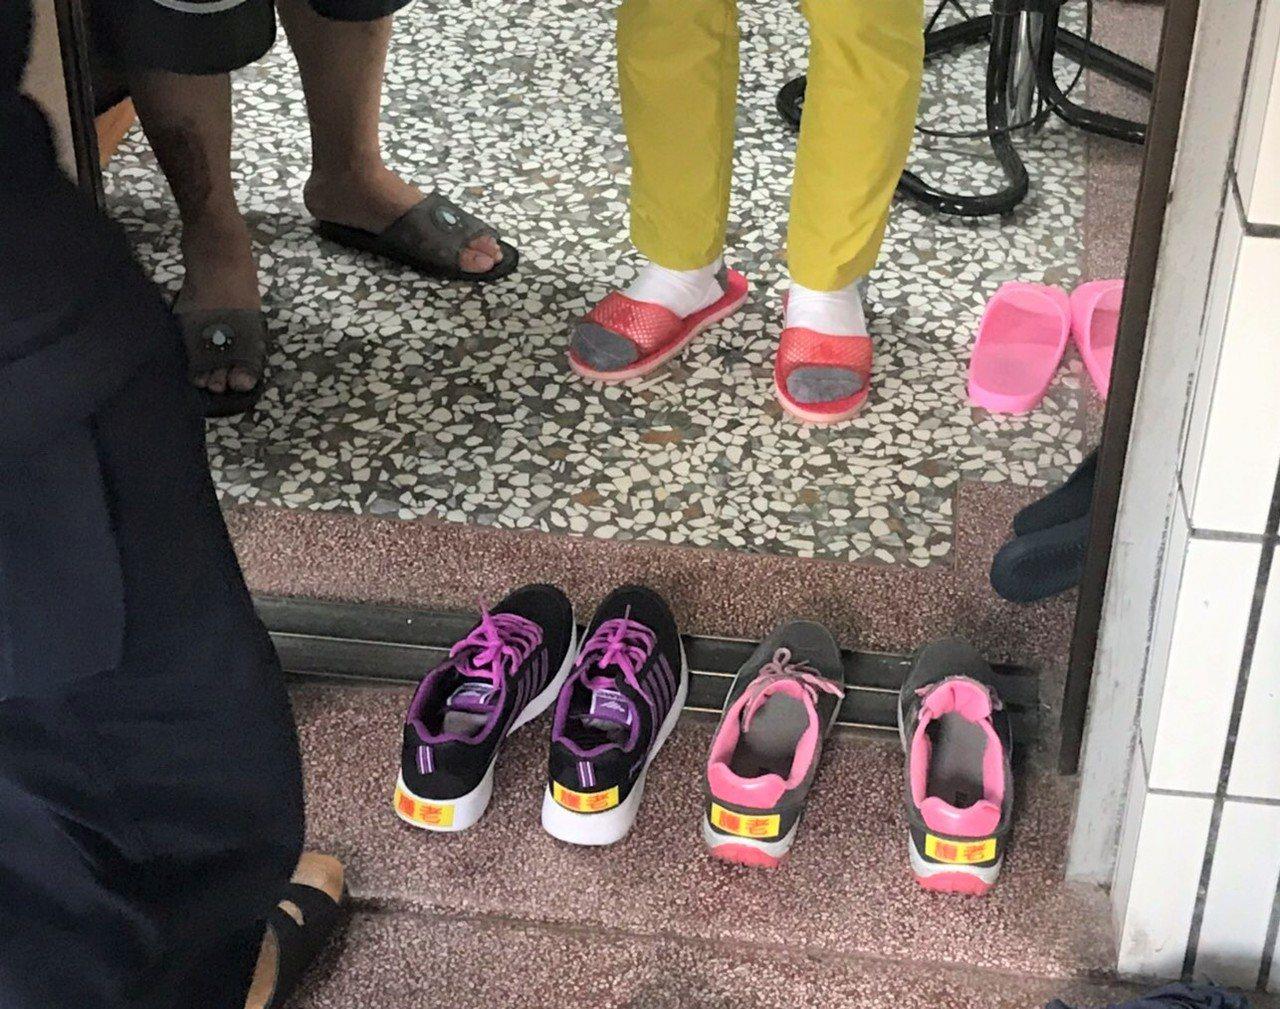 台南新營分局特製「護老」貼紙,貼在社區失智長者的鞋子上,提醒社會大家共同守護老人...